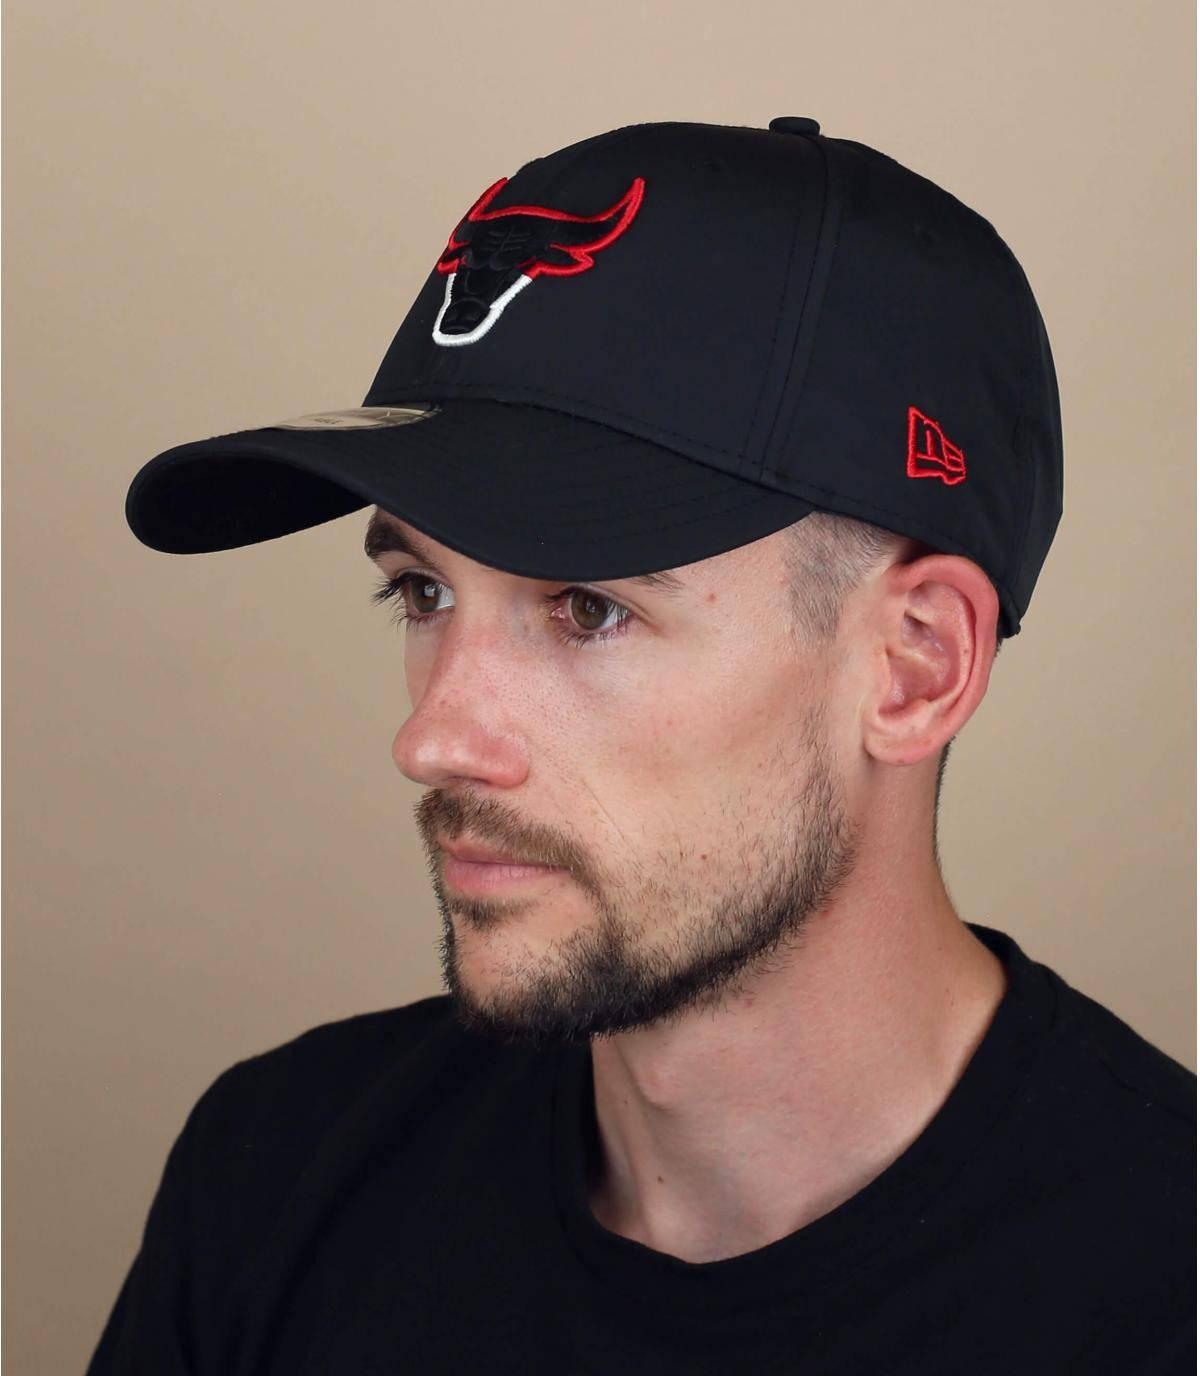 cappellino Bulls nero